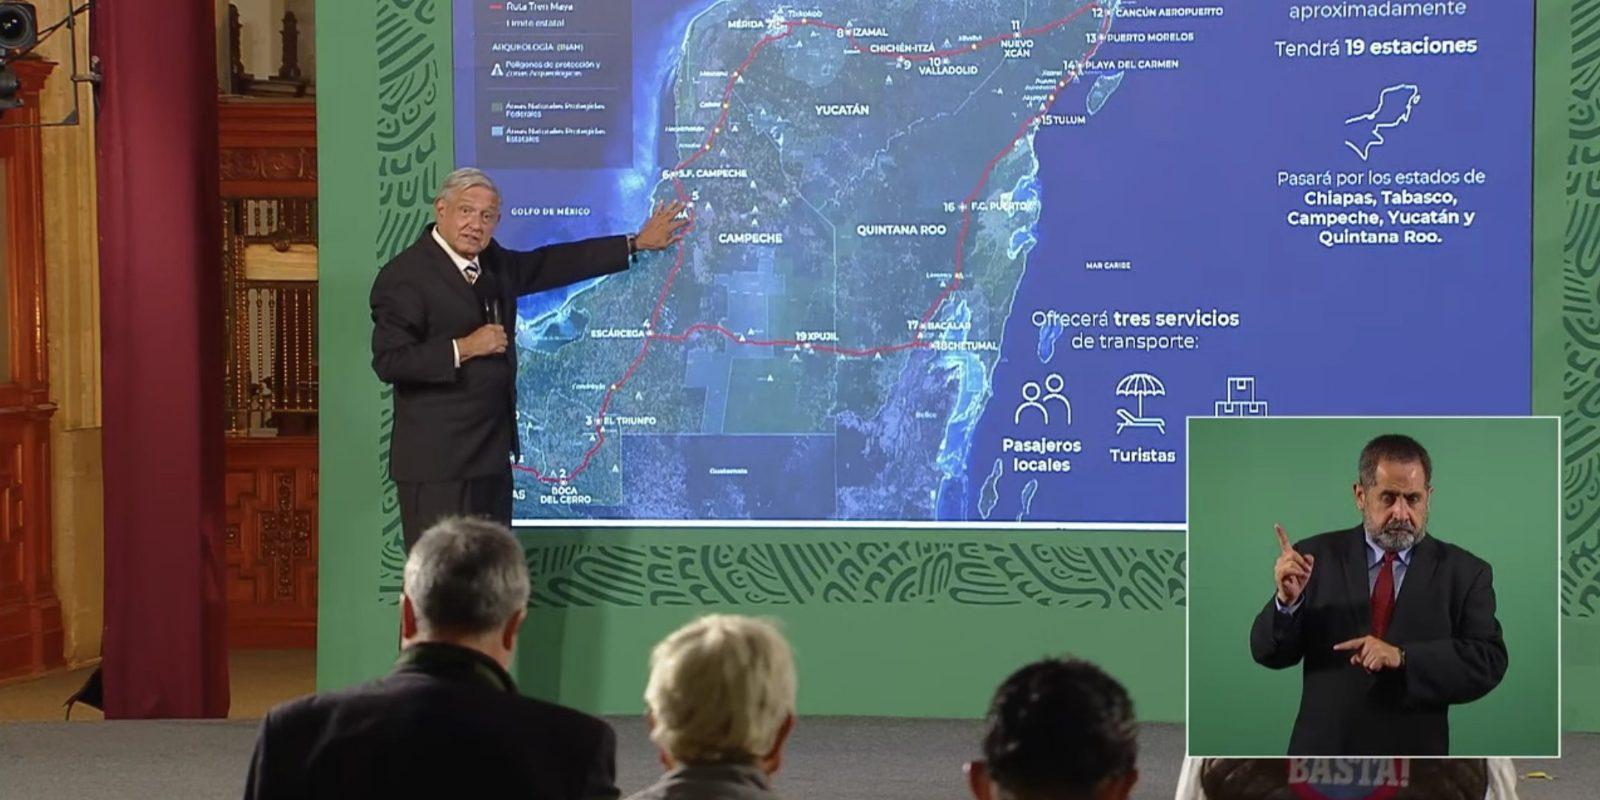 Tren Maya recorrerá más de 1500 kilómetros en 5 estados; atraerá turistas en toda la región sur: AMLO